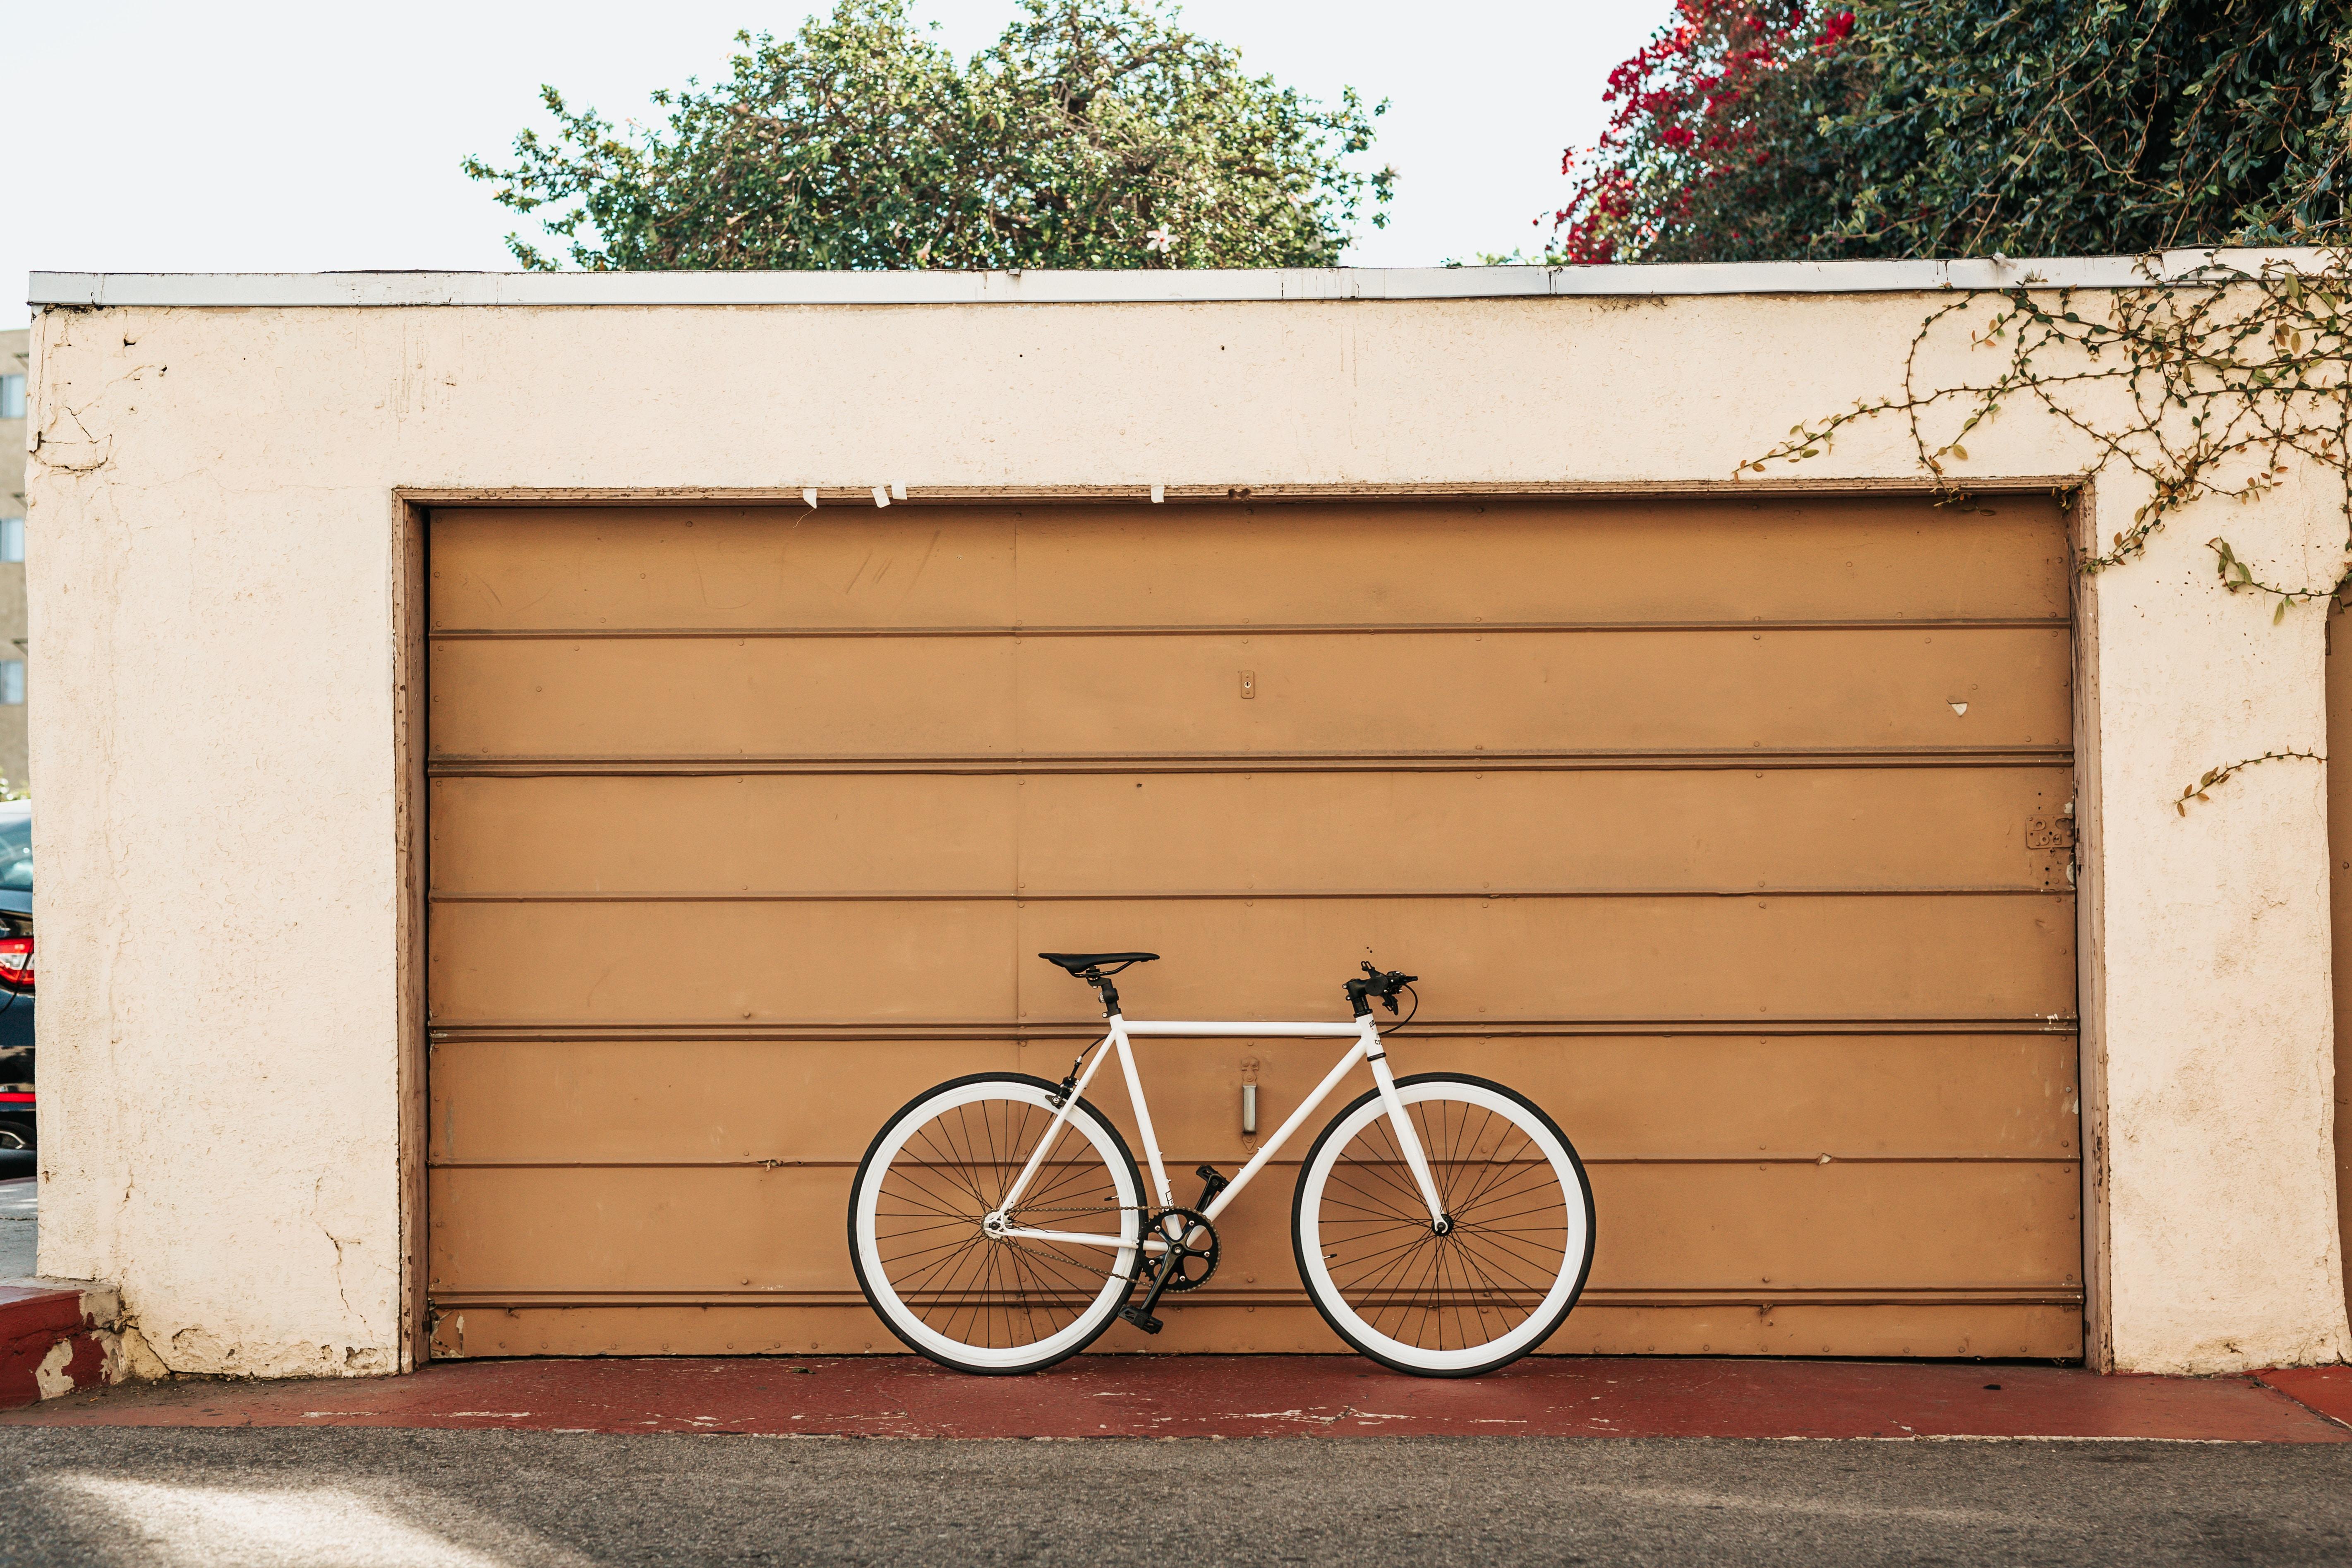 white bike leaning on brown roller shutter